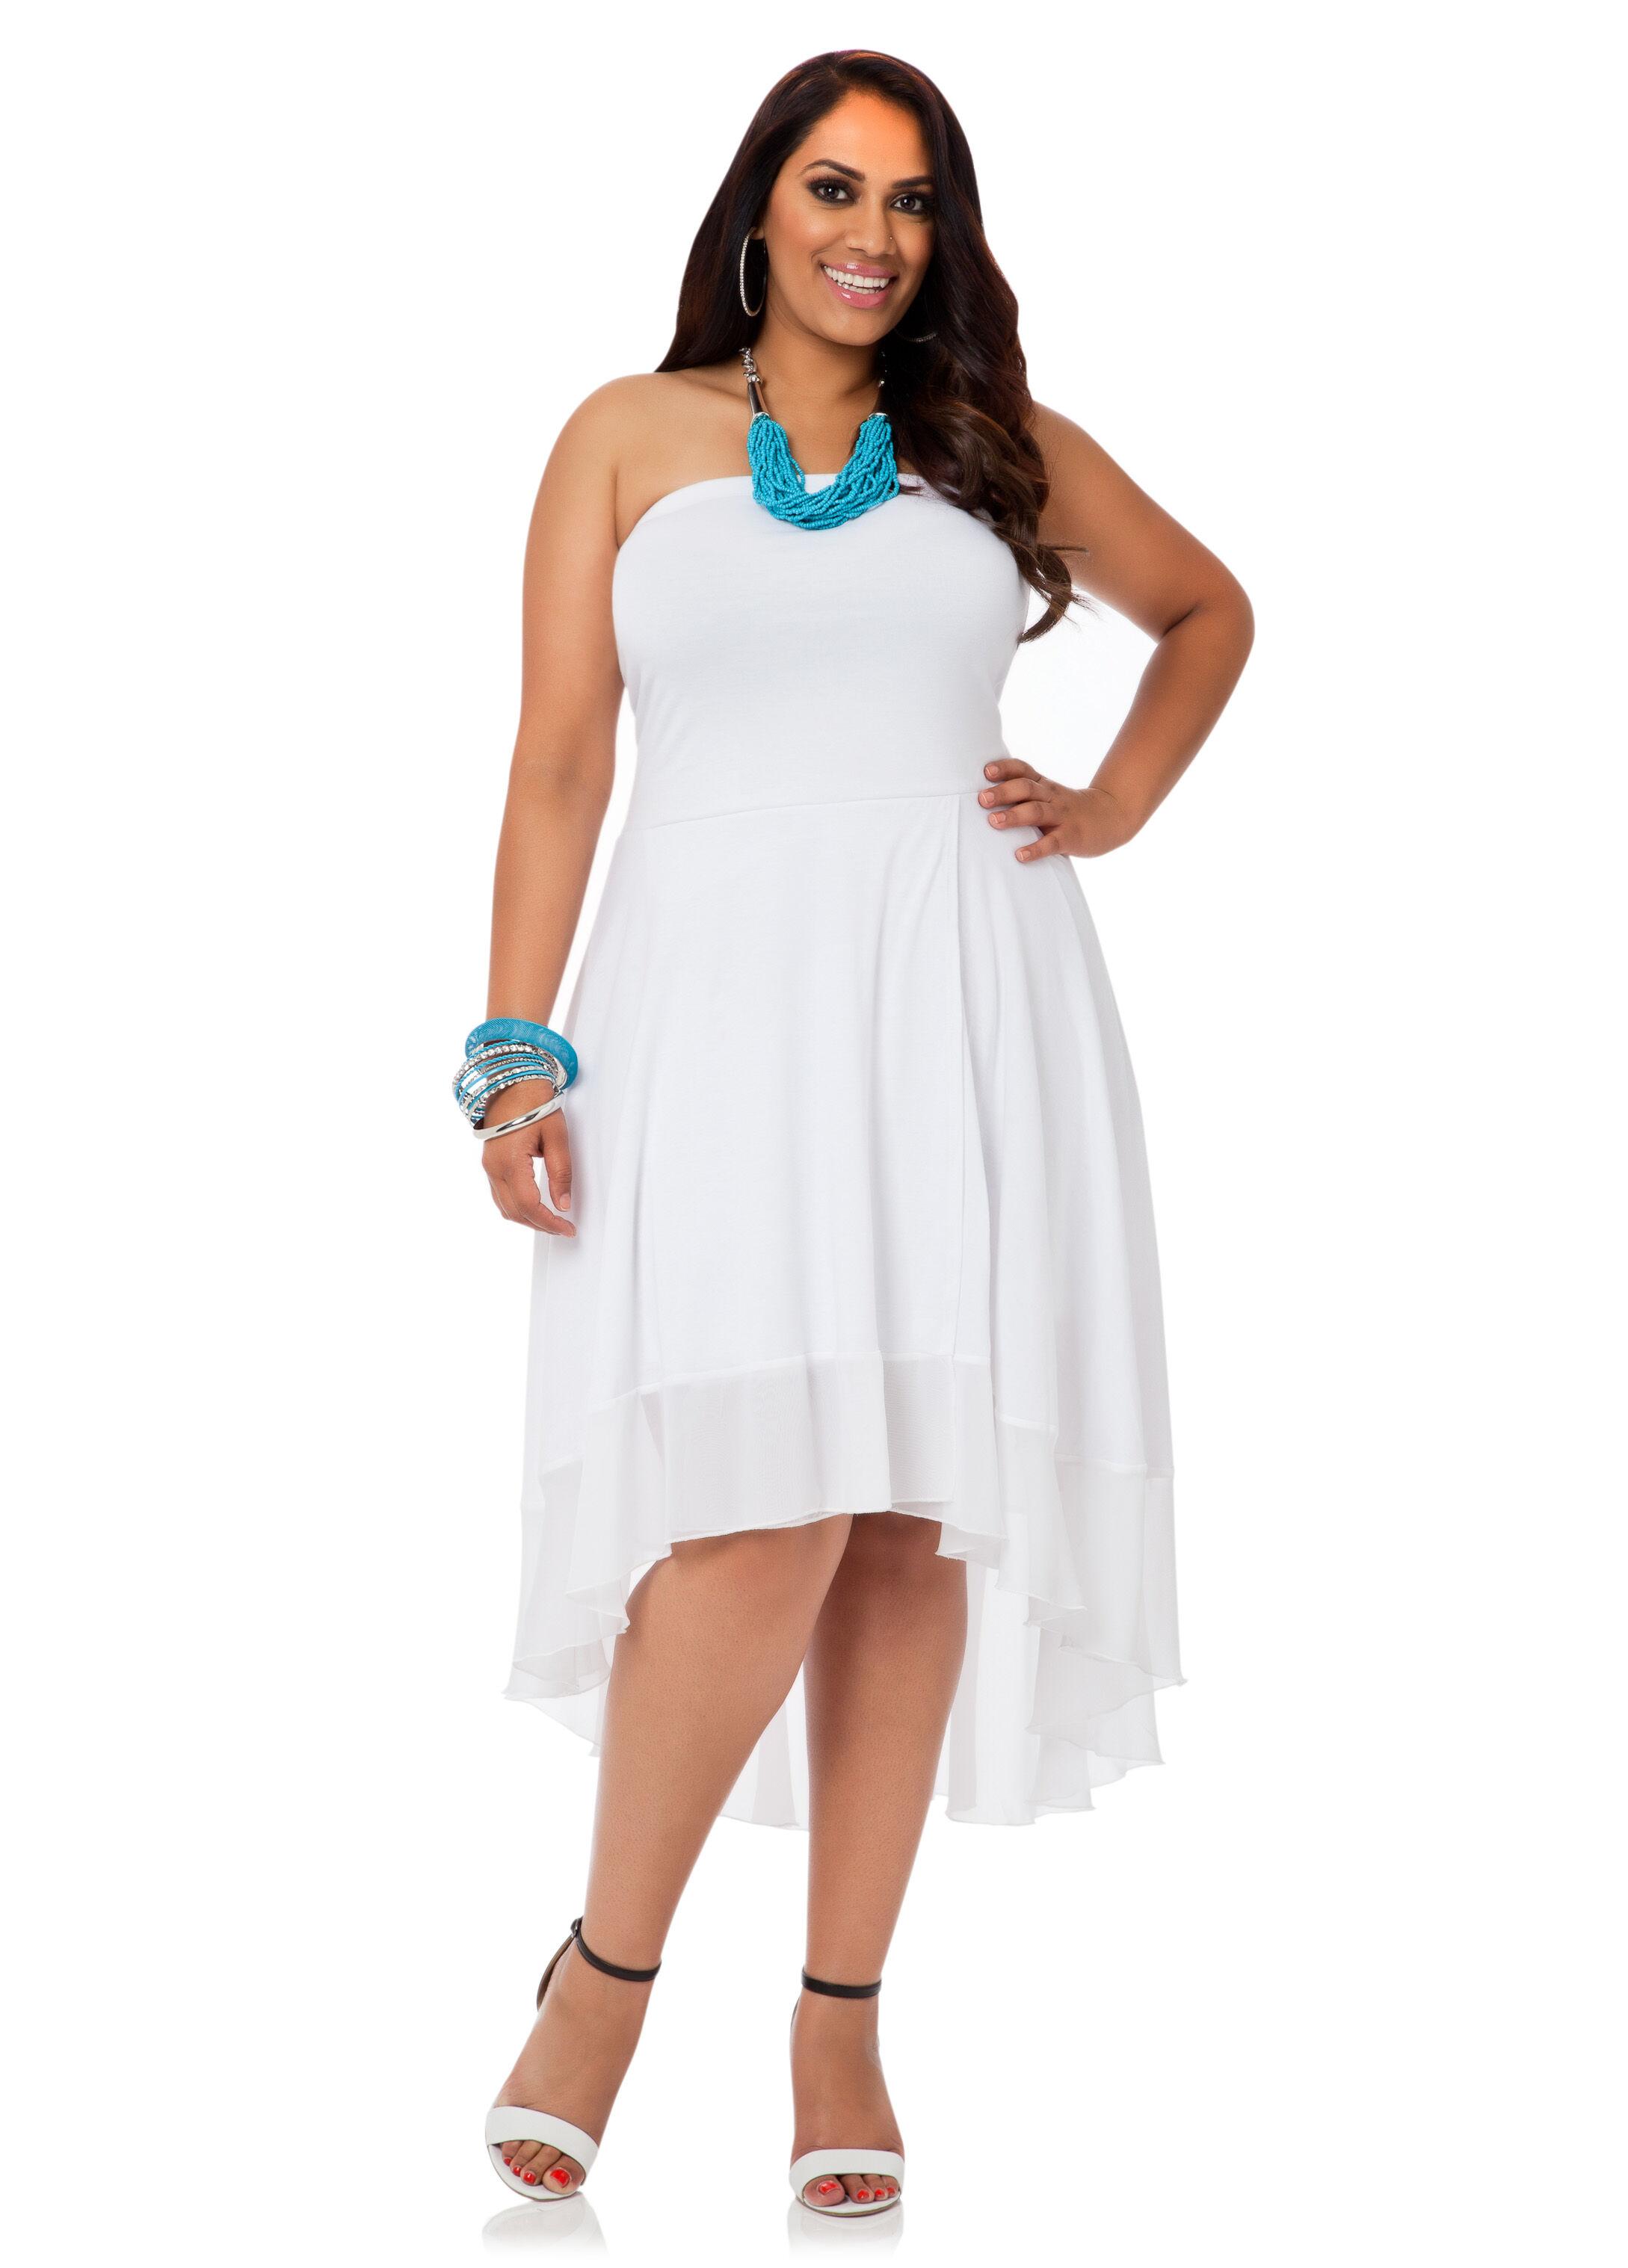 White Strapless Tube Dress HwoCHRj5